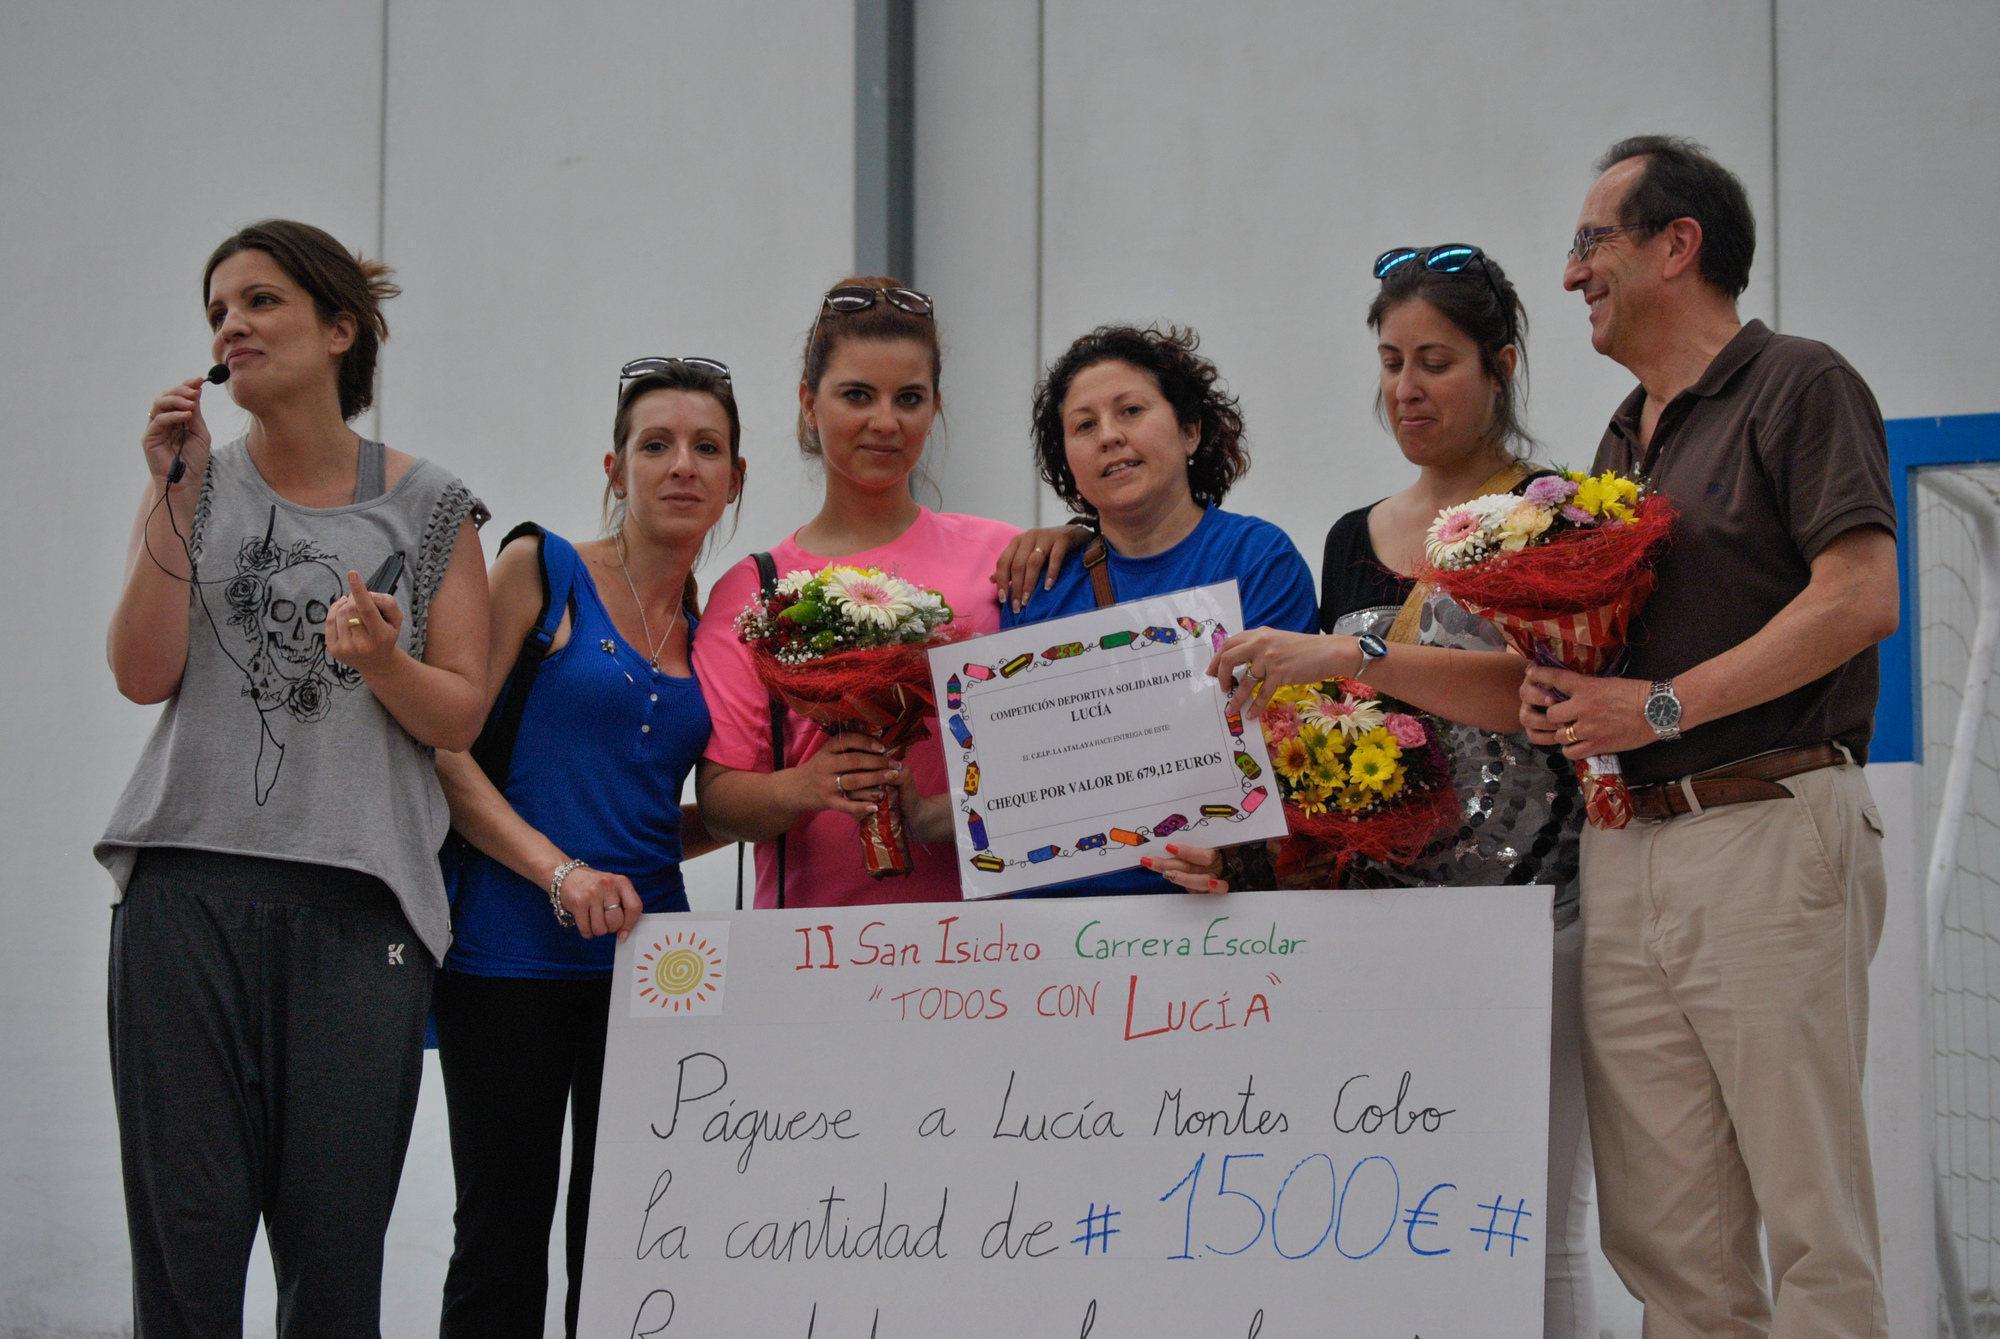 Más de 700 alumnos participan en la II San Isidro Carrera Escolar del colegio Concordia